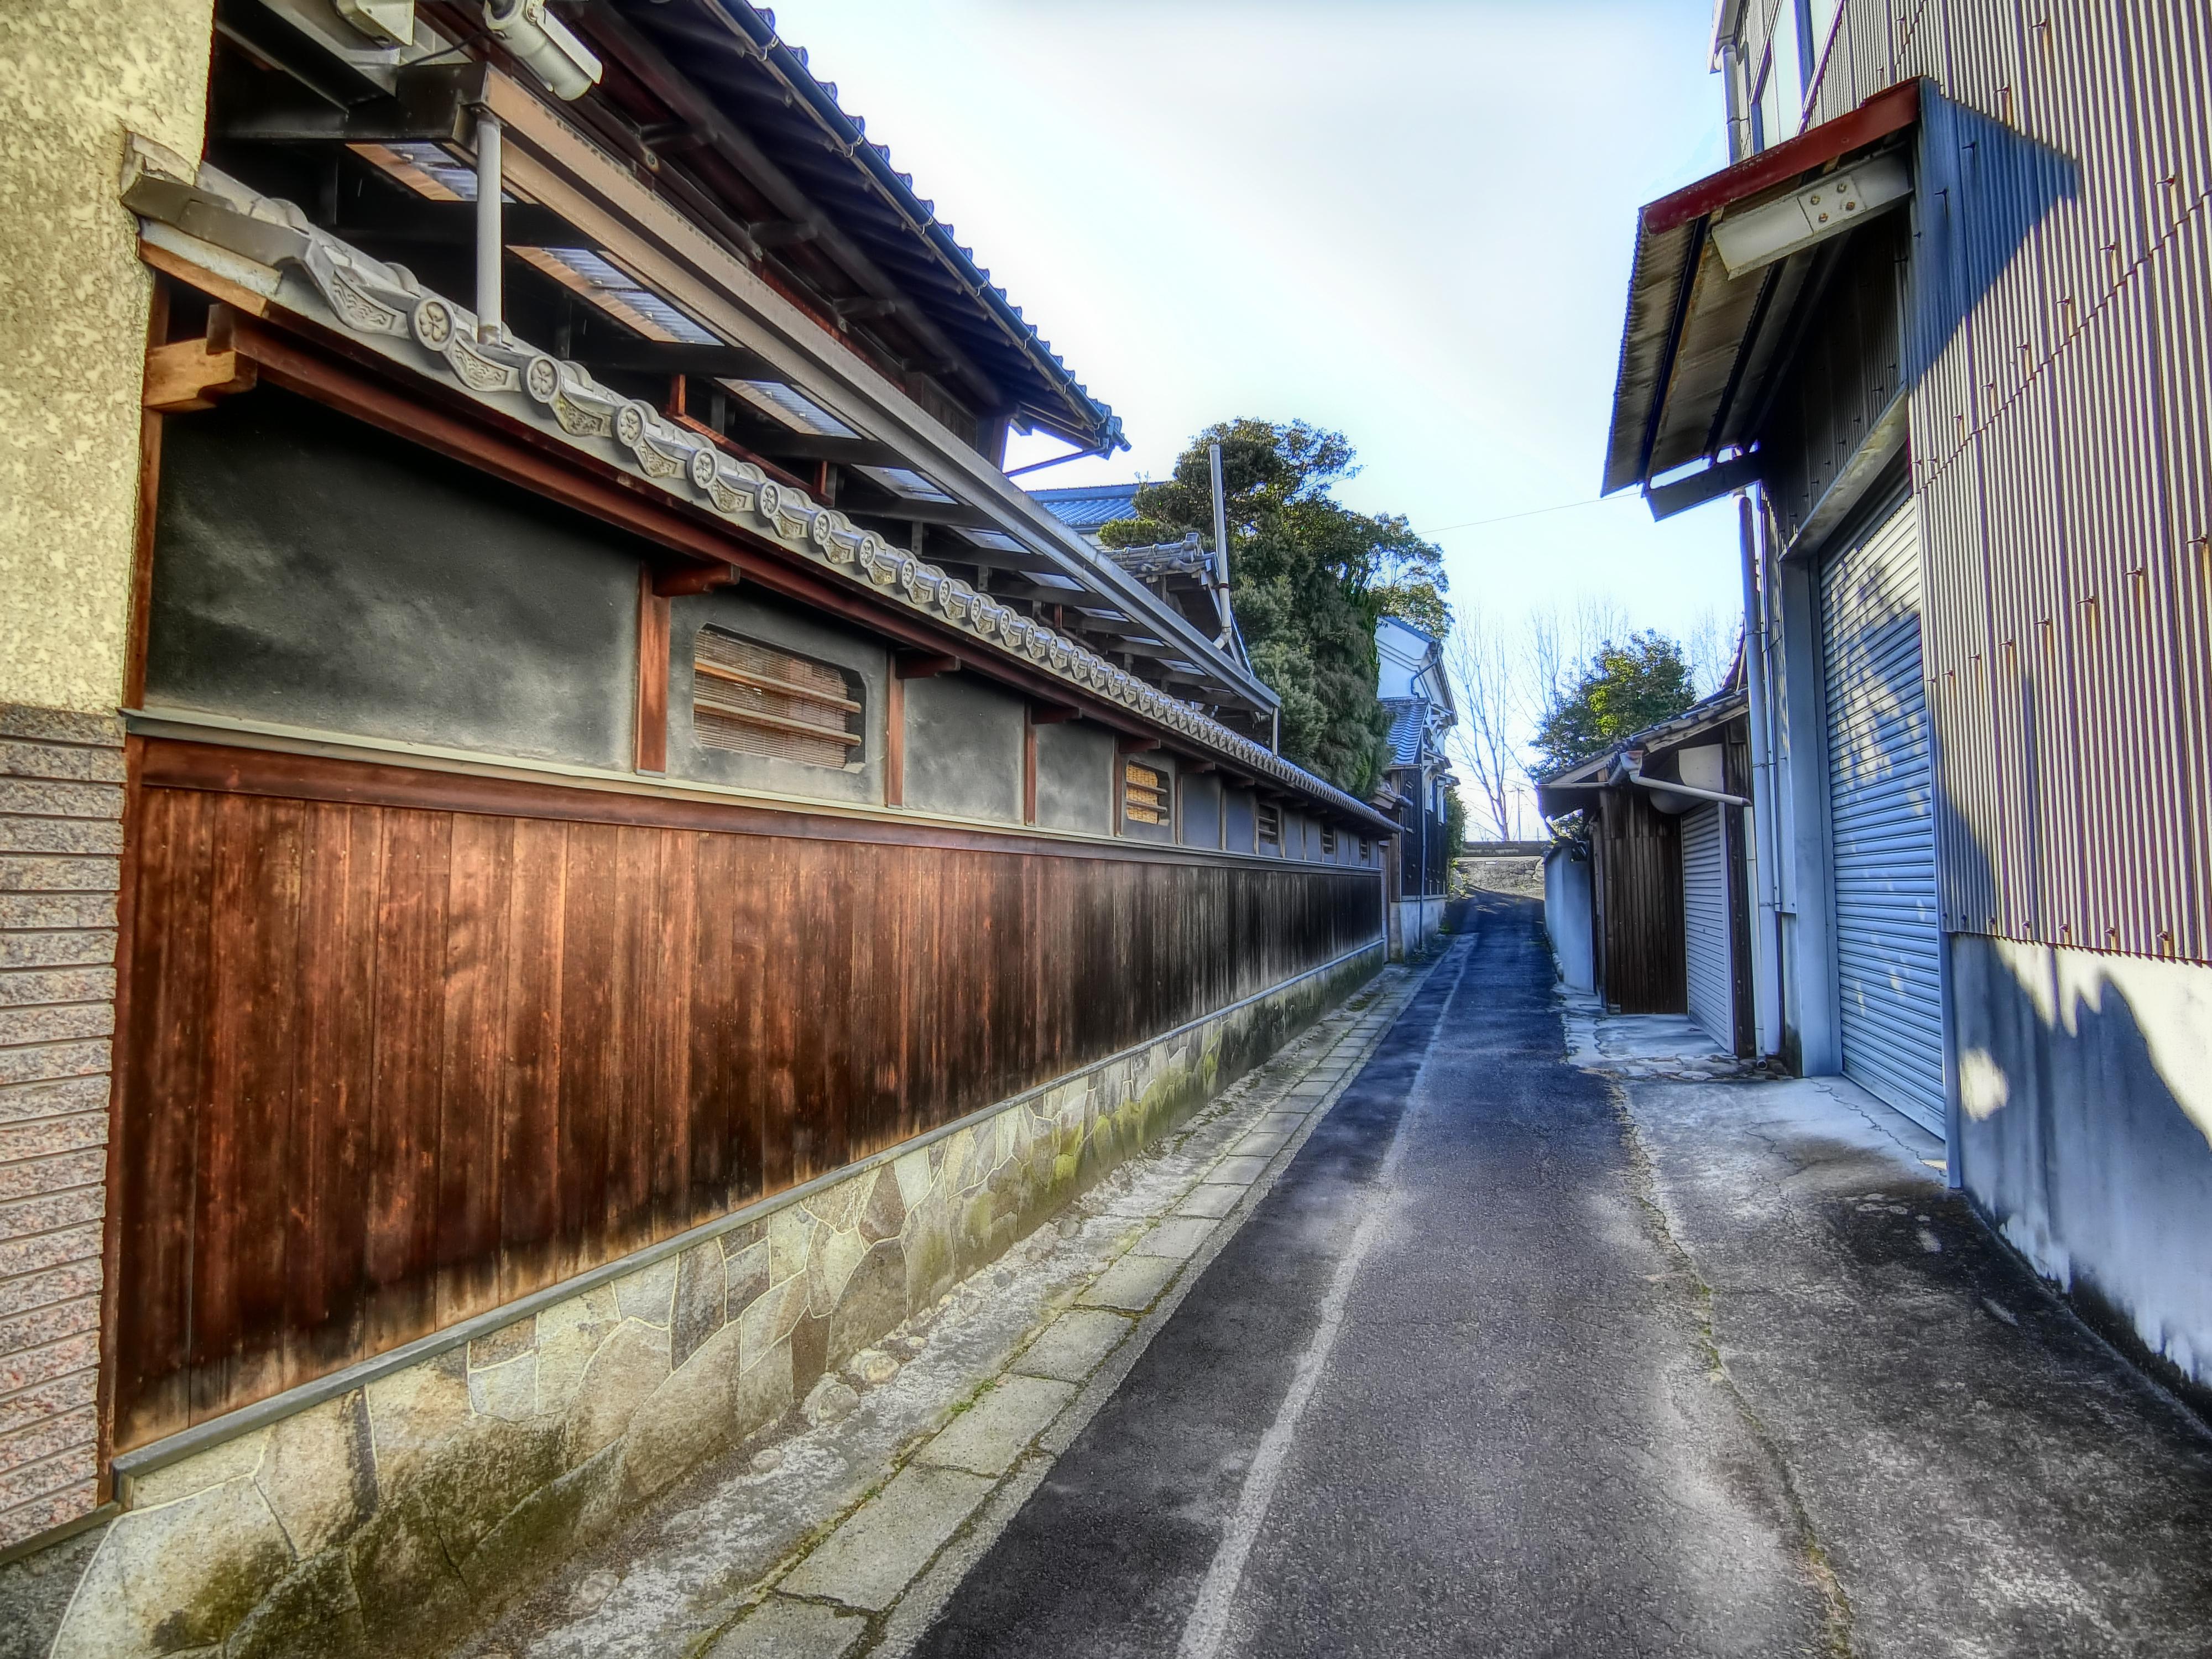 蟹江町には迷い込むのが楽しい路地がたくさんあるのです!